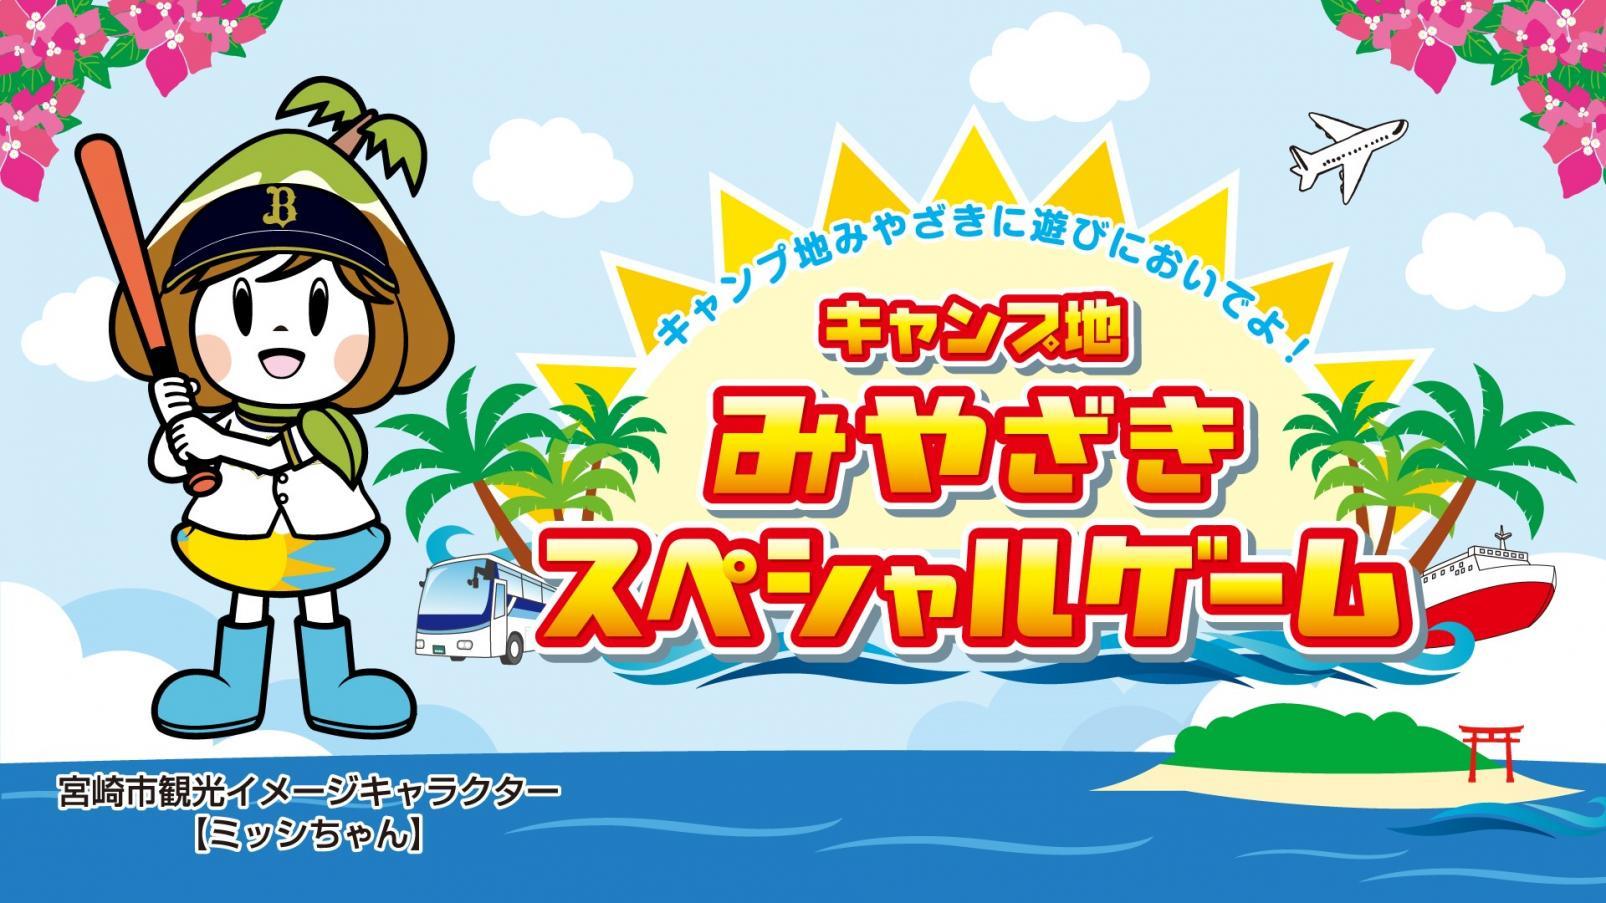 京セラドーム大阪「キャンプ地みやざきスペシャルゲーム」-1